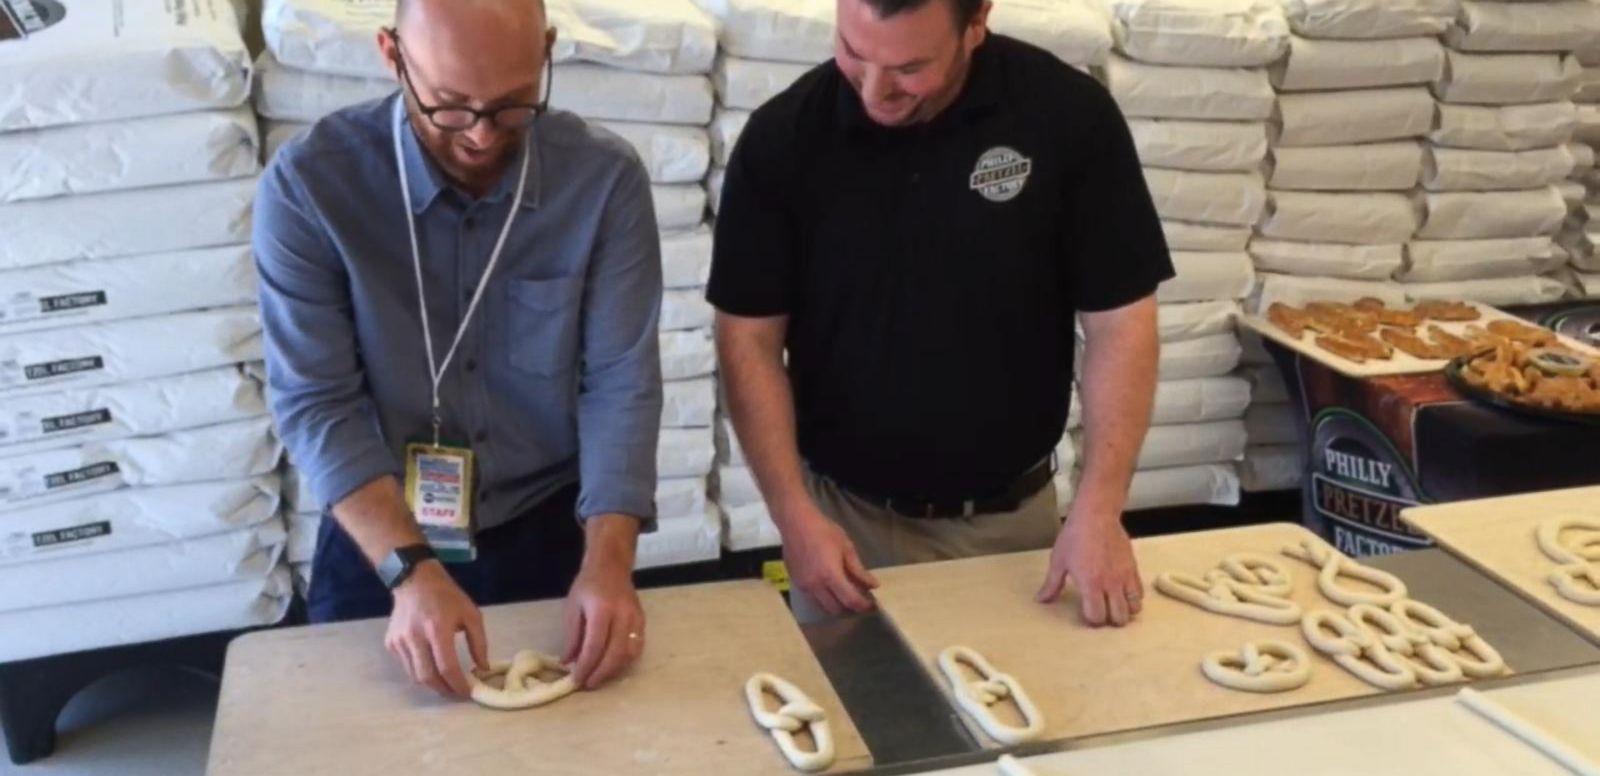 VIDEO: Pretzels and Politics at the Philly Pretzel Factory